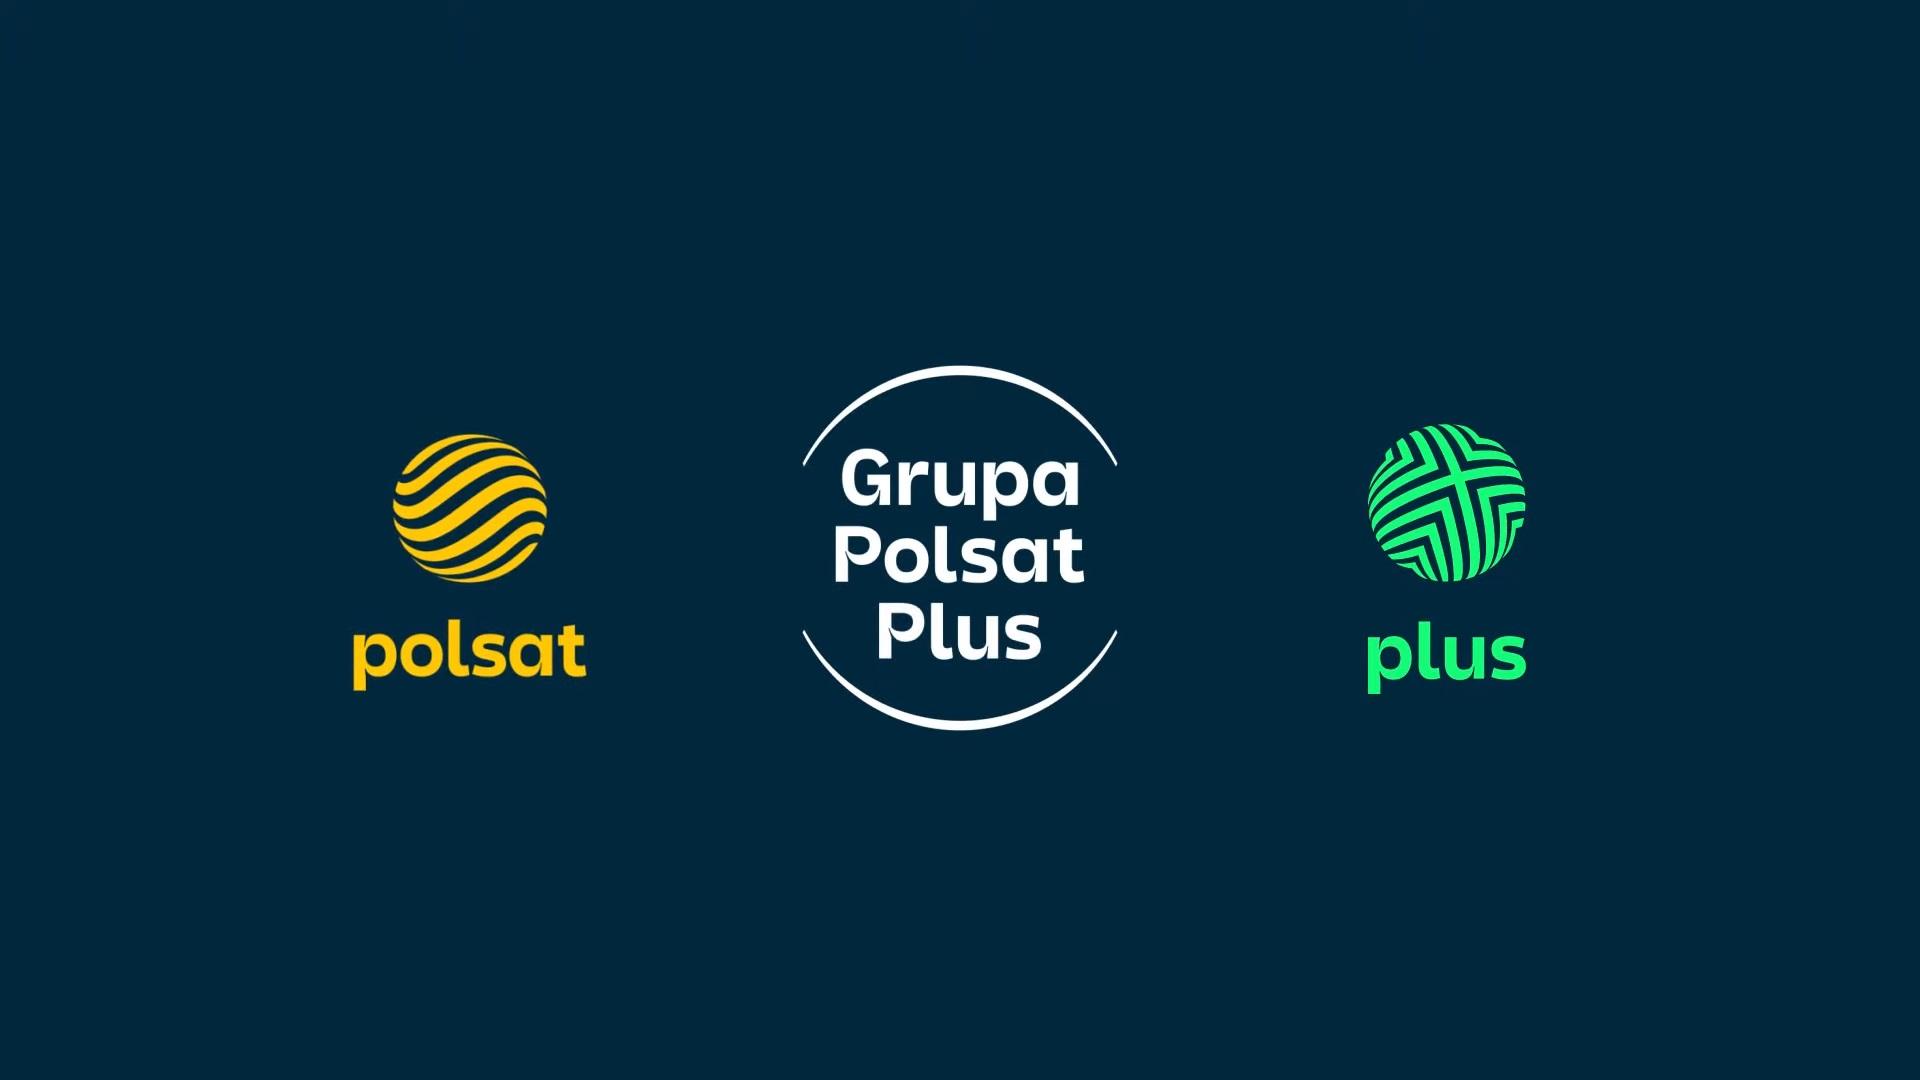 Grupa Polsat Plus nowe logo 2021